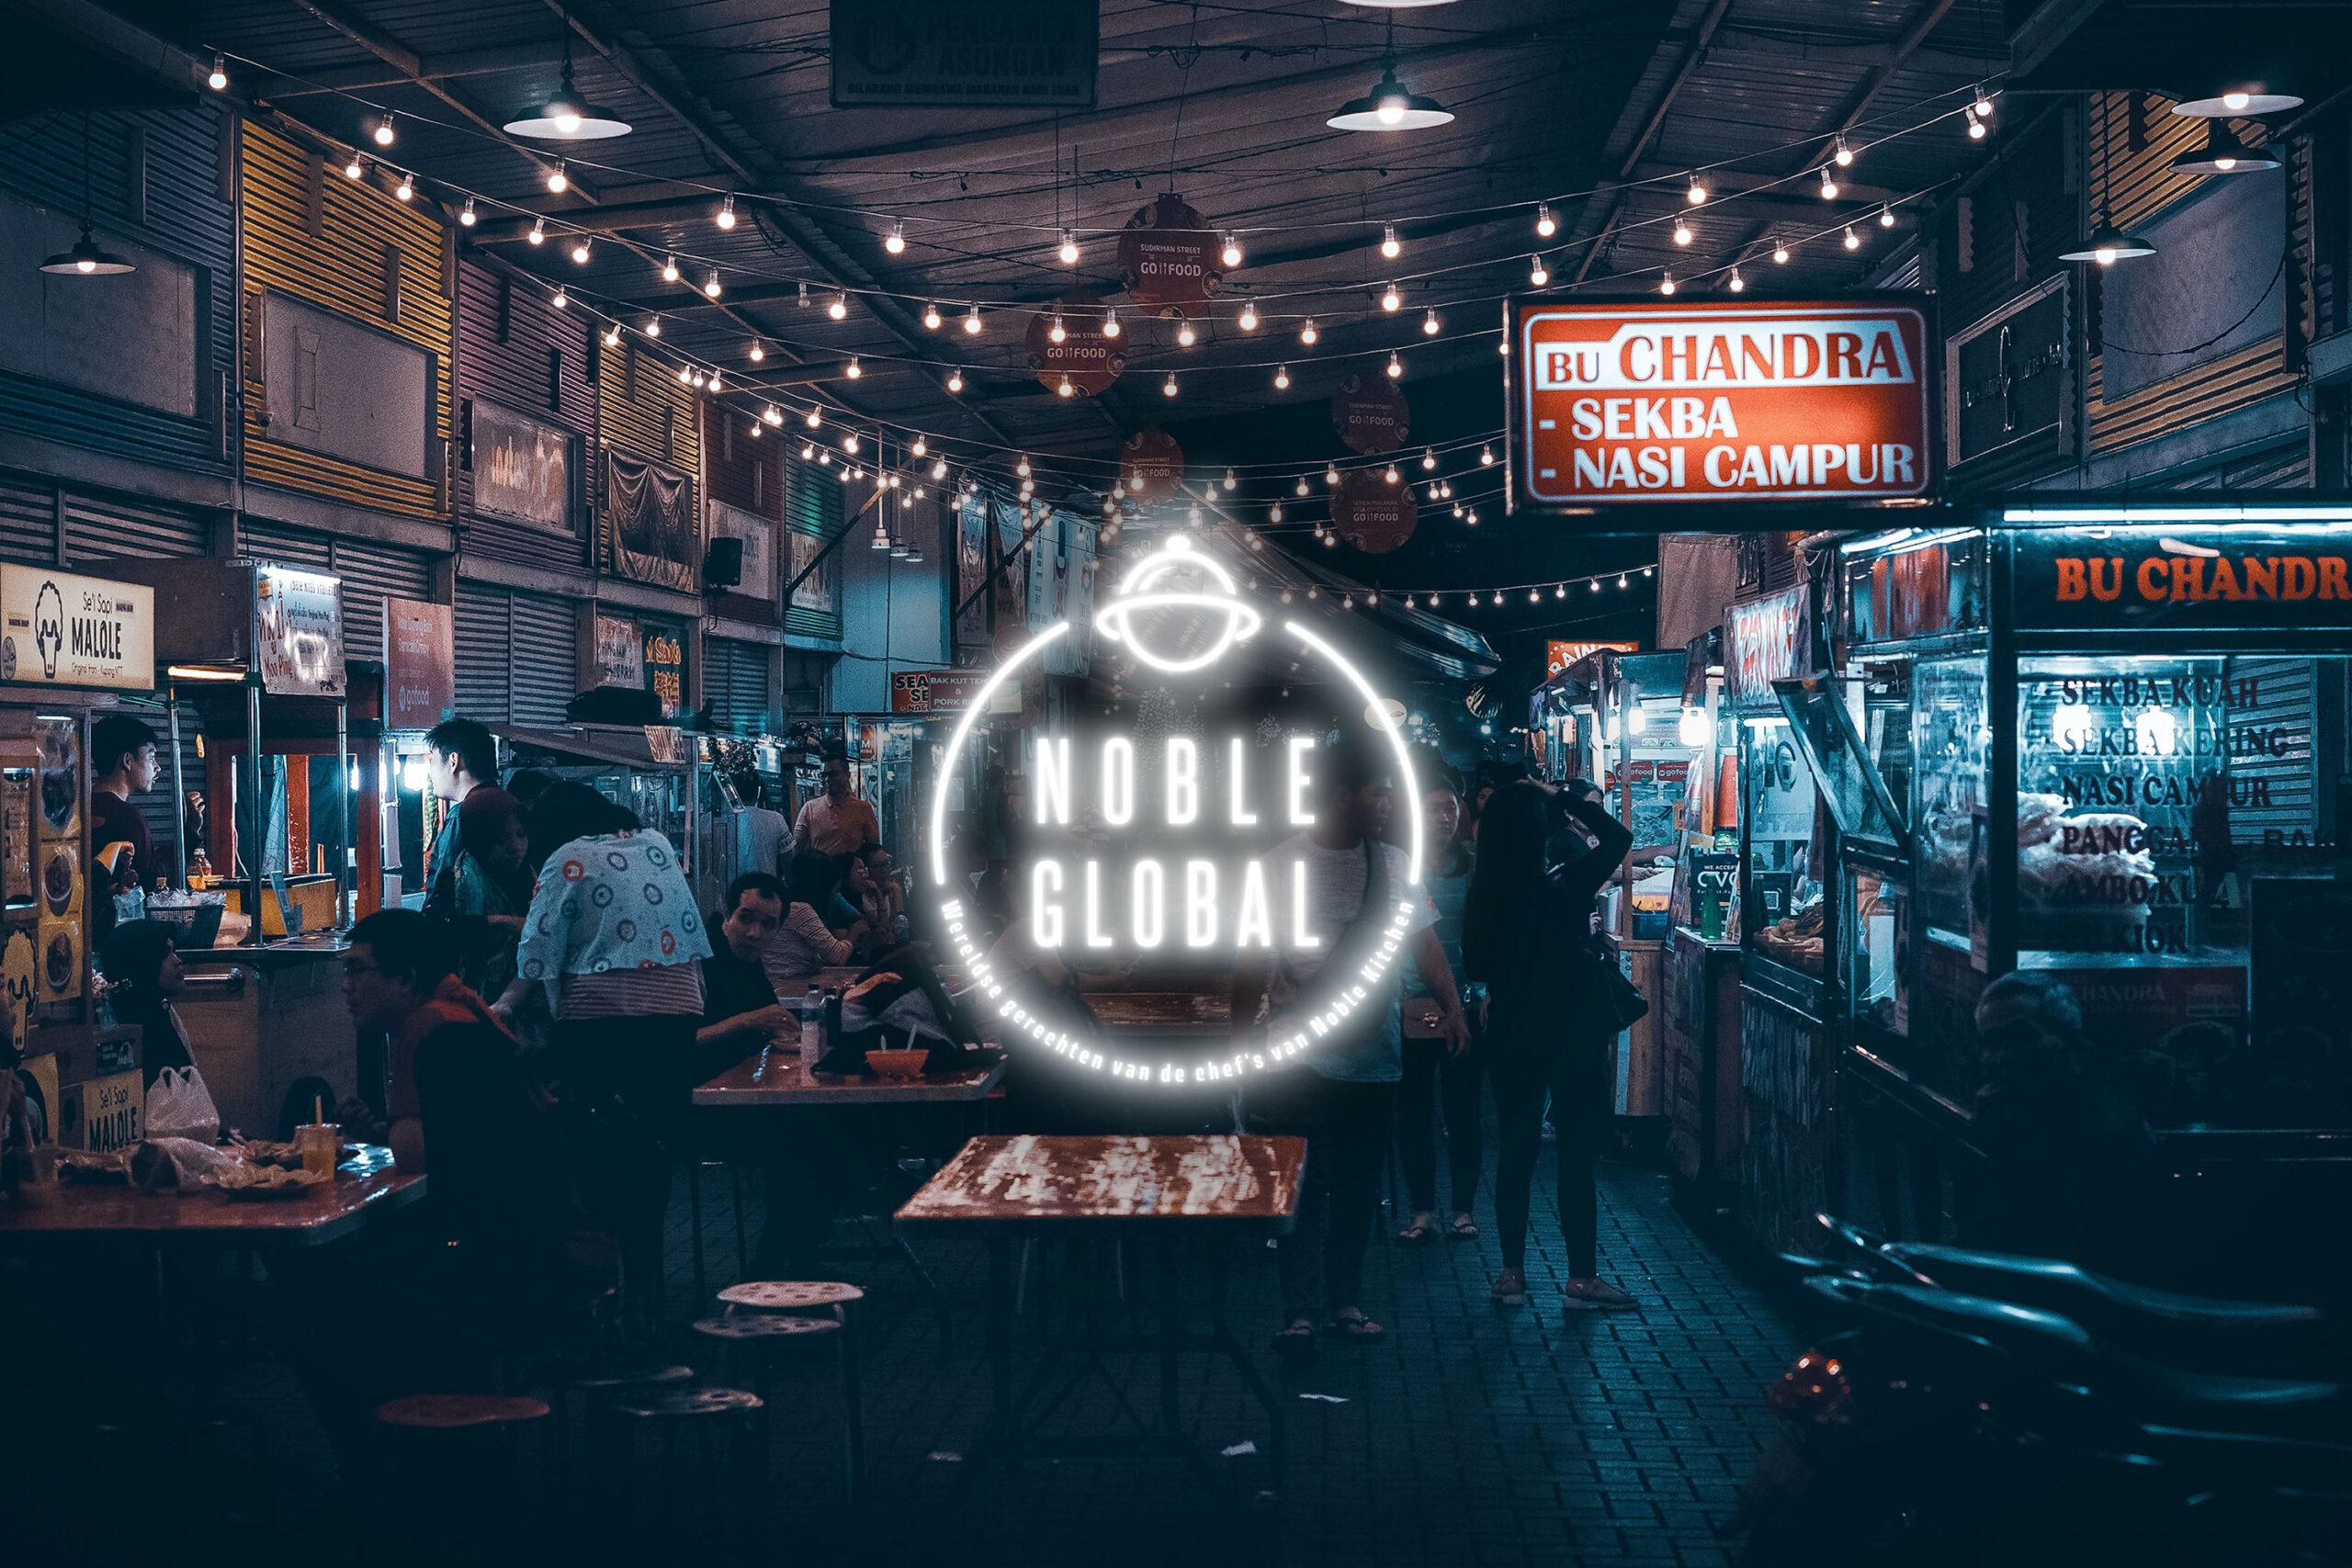 Noble Global Box